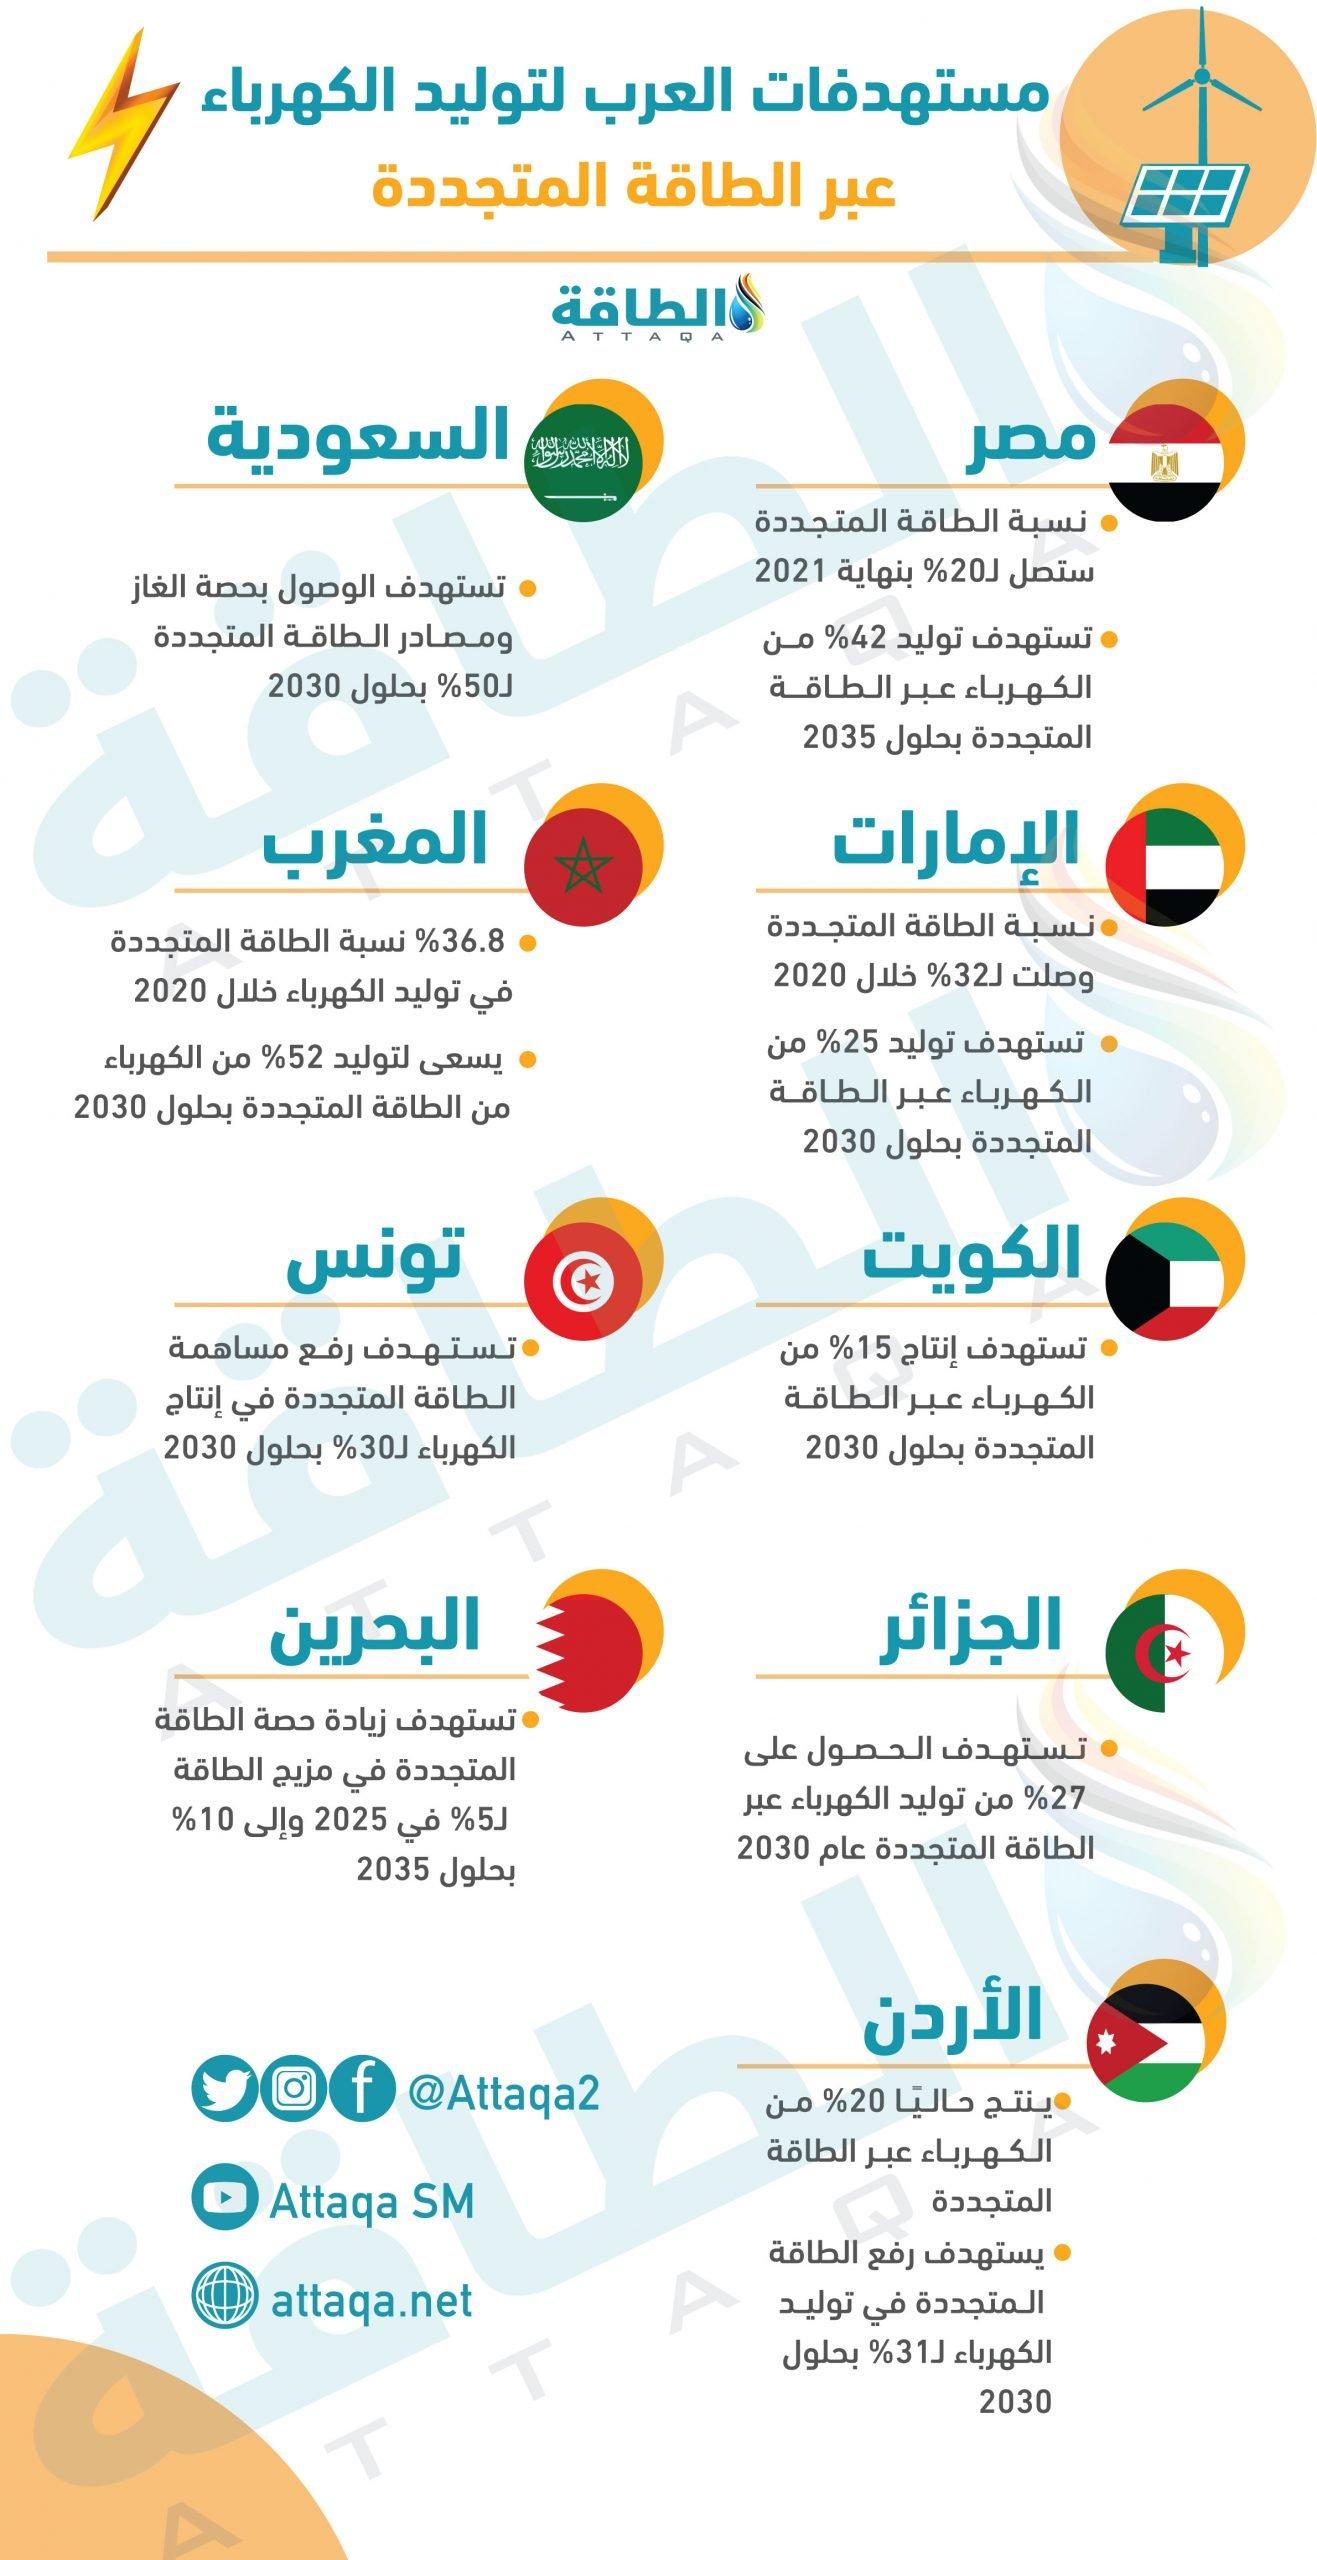 توليد الكهرباء - العرب - الطاقة المتجددة